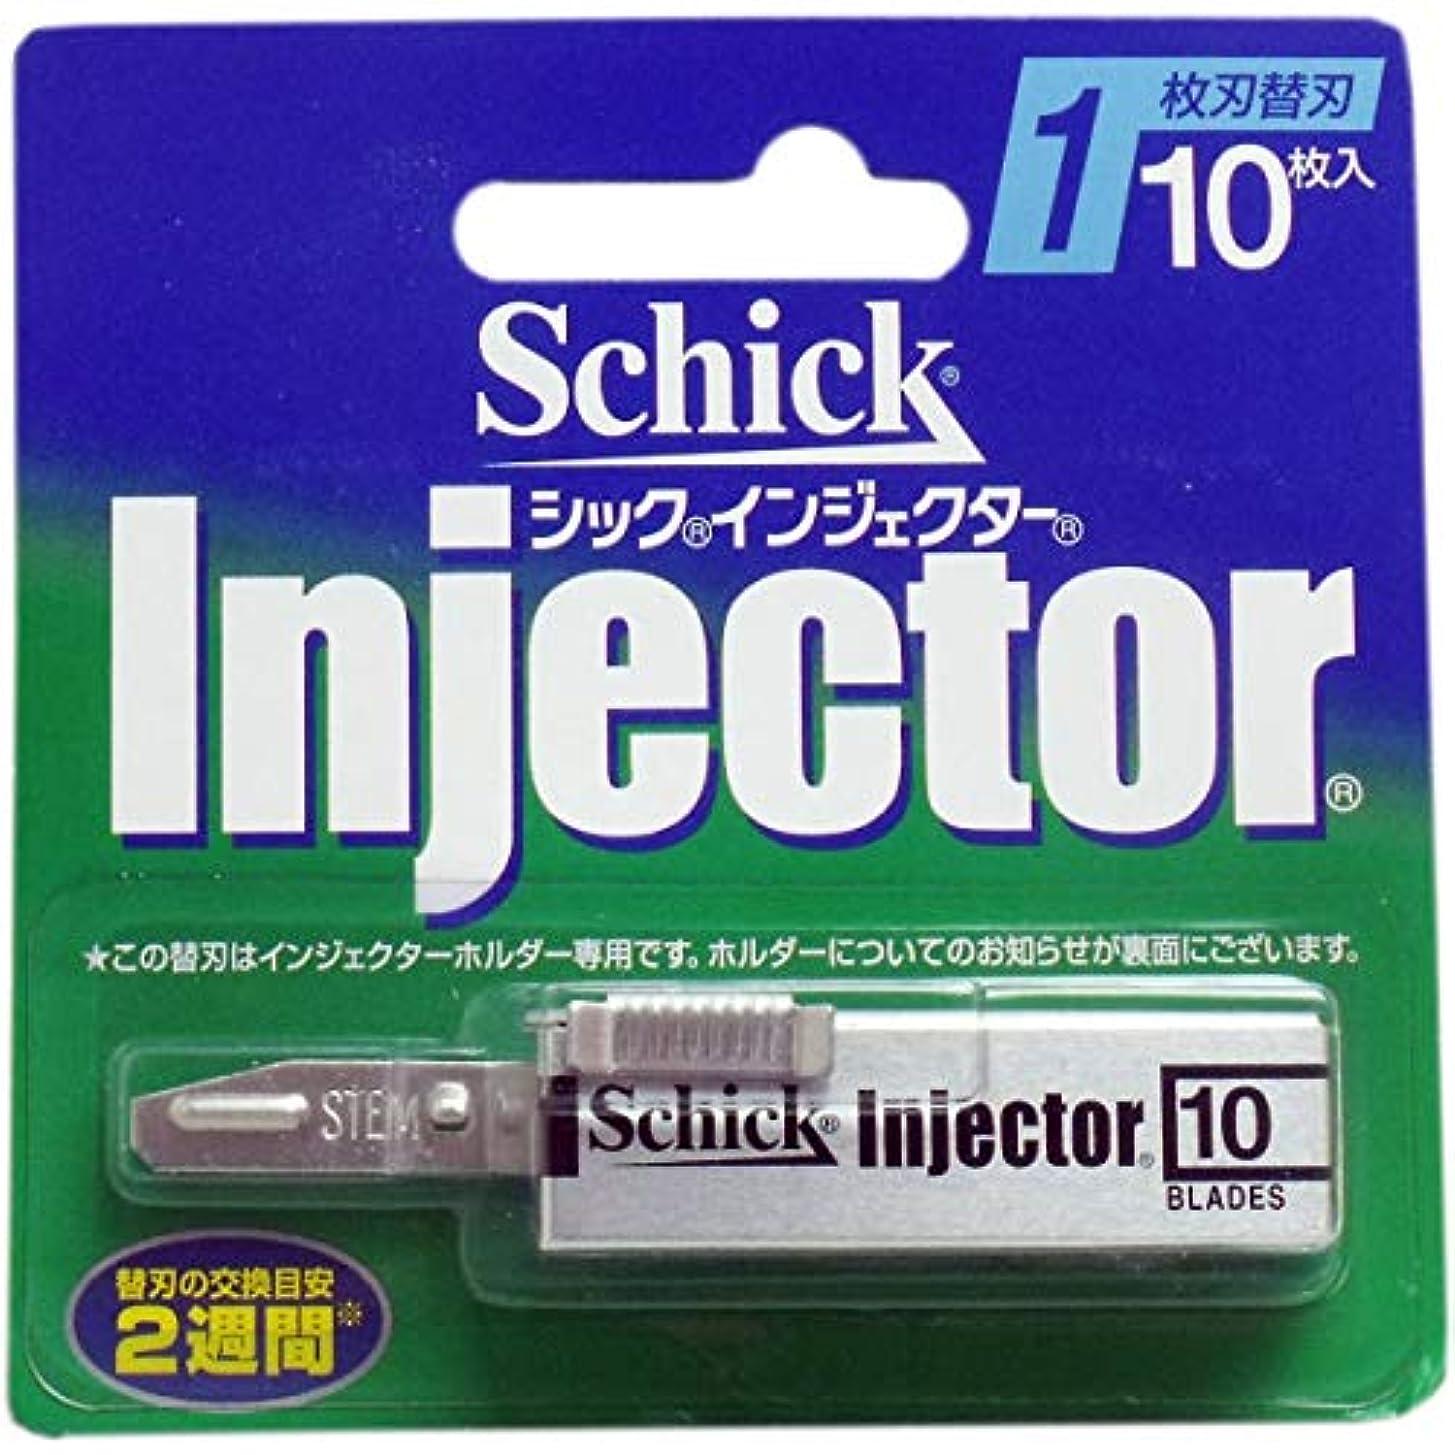 わがまま最も早い十代シック インジェクター 1枚刃 替刃 10枚入(単品1個)